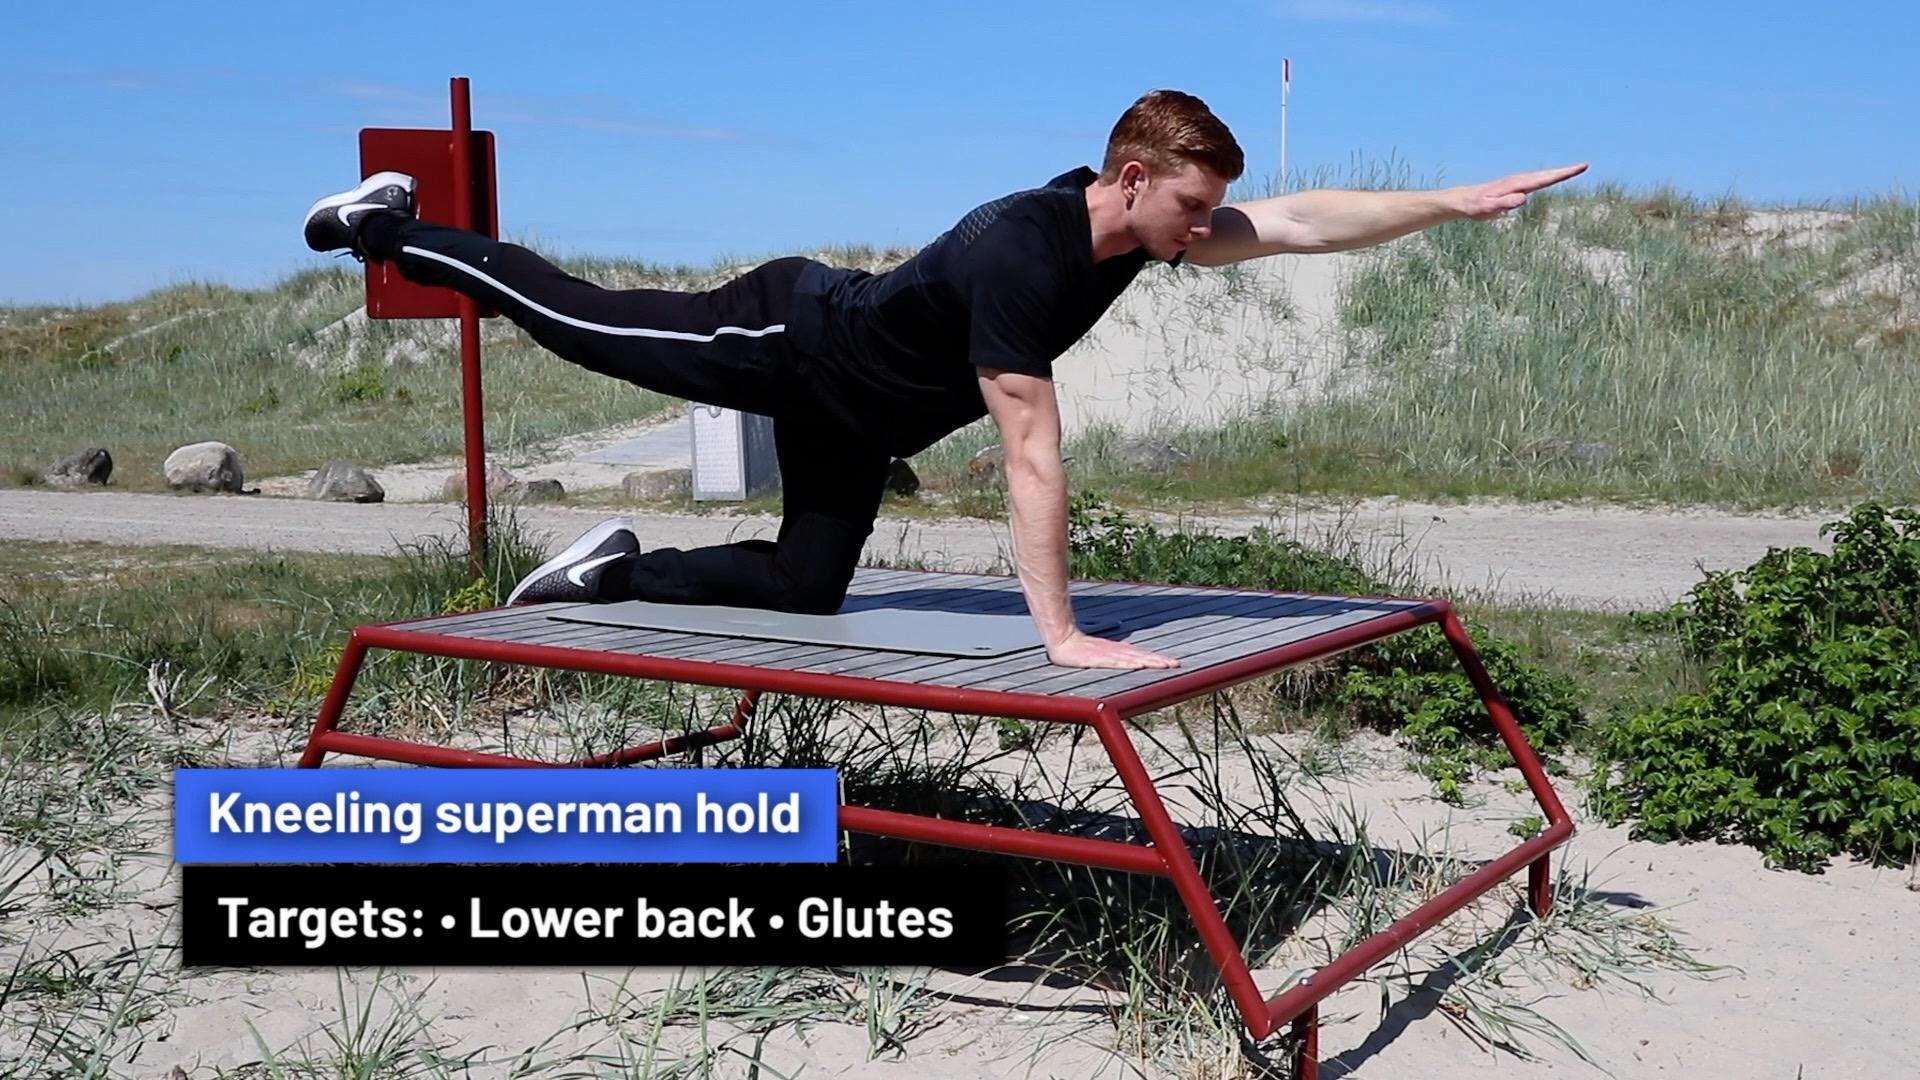 Kneeling superman hold